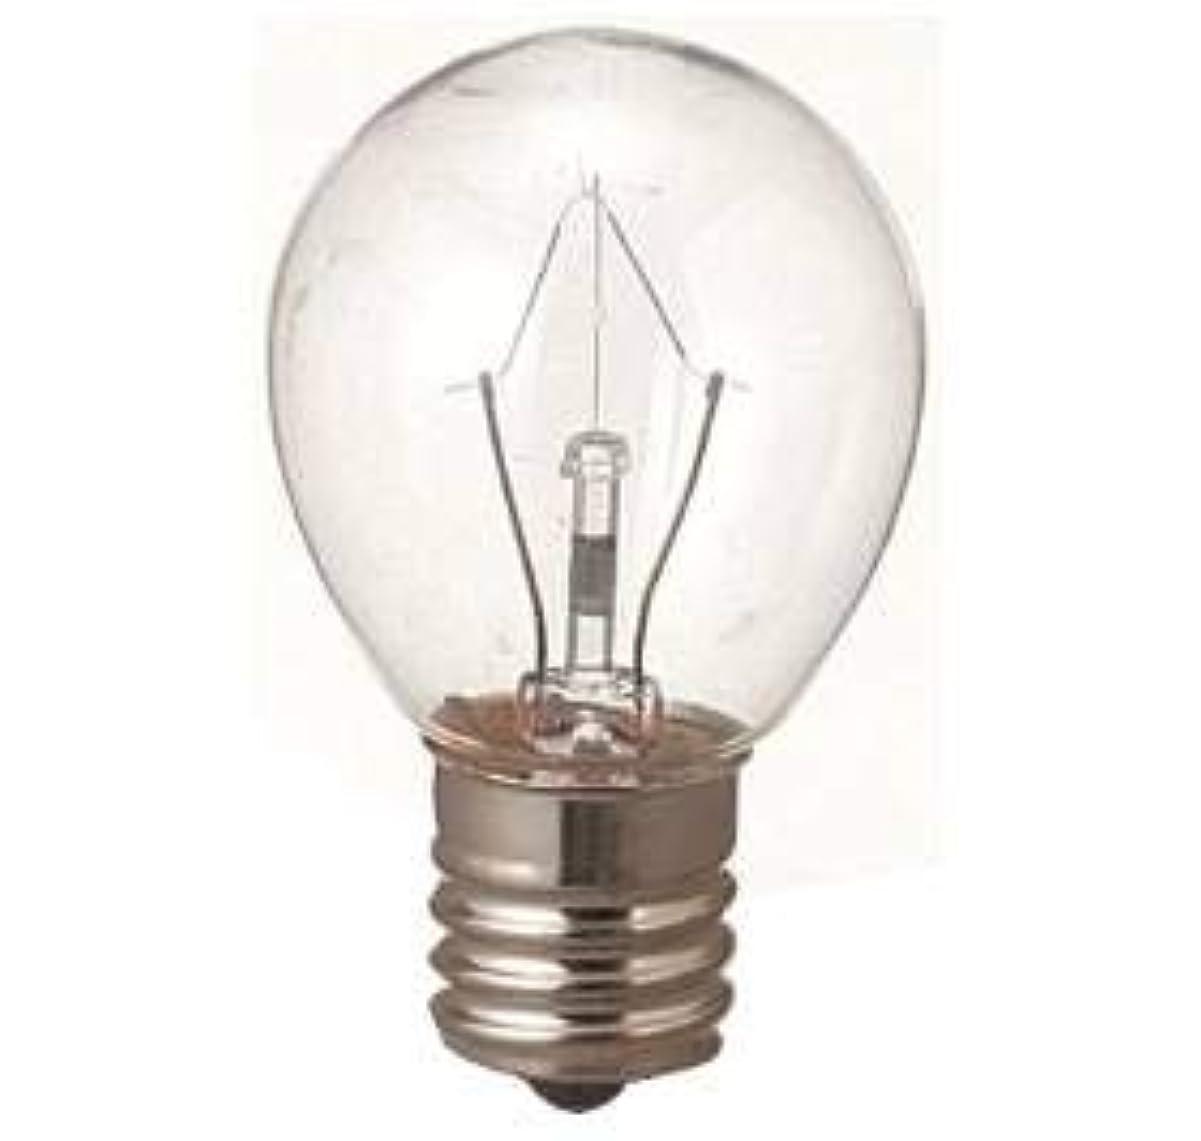 取り戻す住む反逆生活の木 アロマランプM用 電球15W(サイズ:φ23×H50mm)